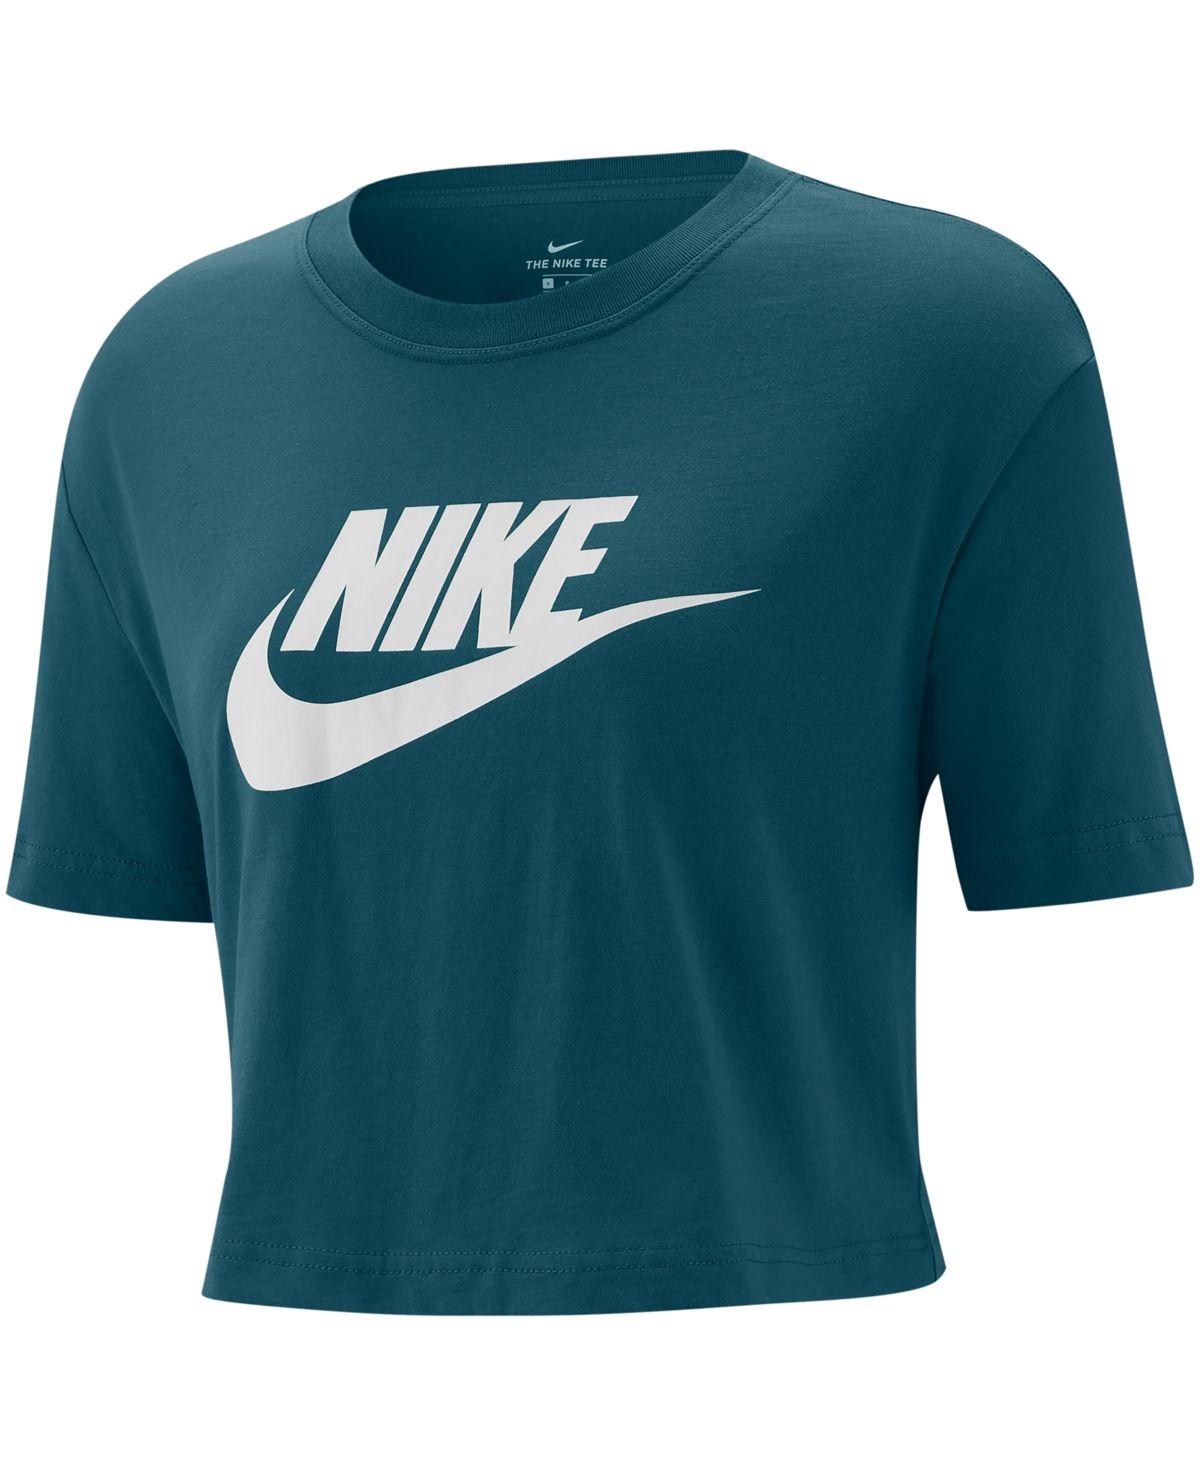 Nike Women S Sportswear Cotton Logo Cropped T Shirt Reviews Tops Women Macy S Women Clothes Sale Sportswear Women Nike T Shirts Women S [ 1467 x 1200 Pixel ]